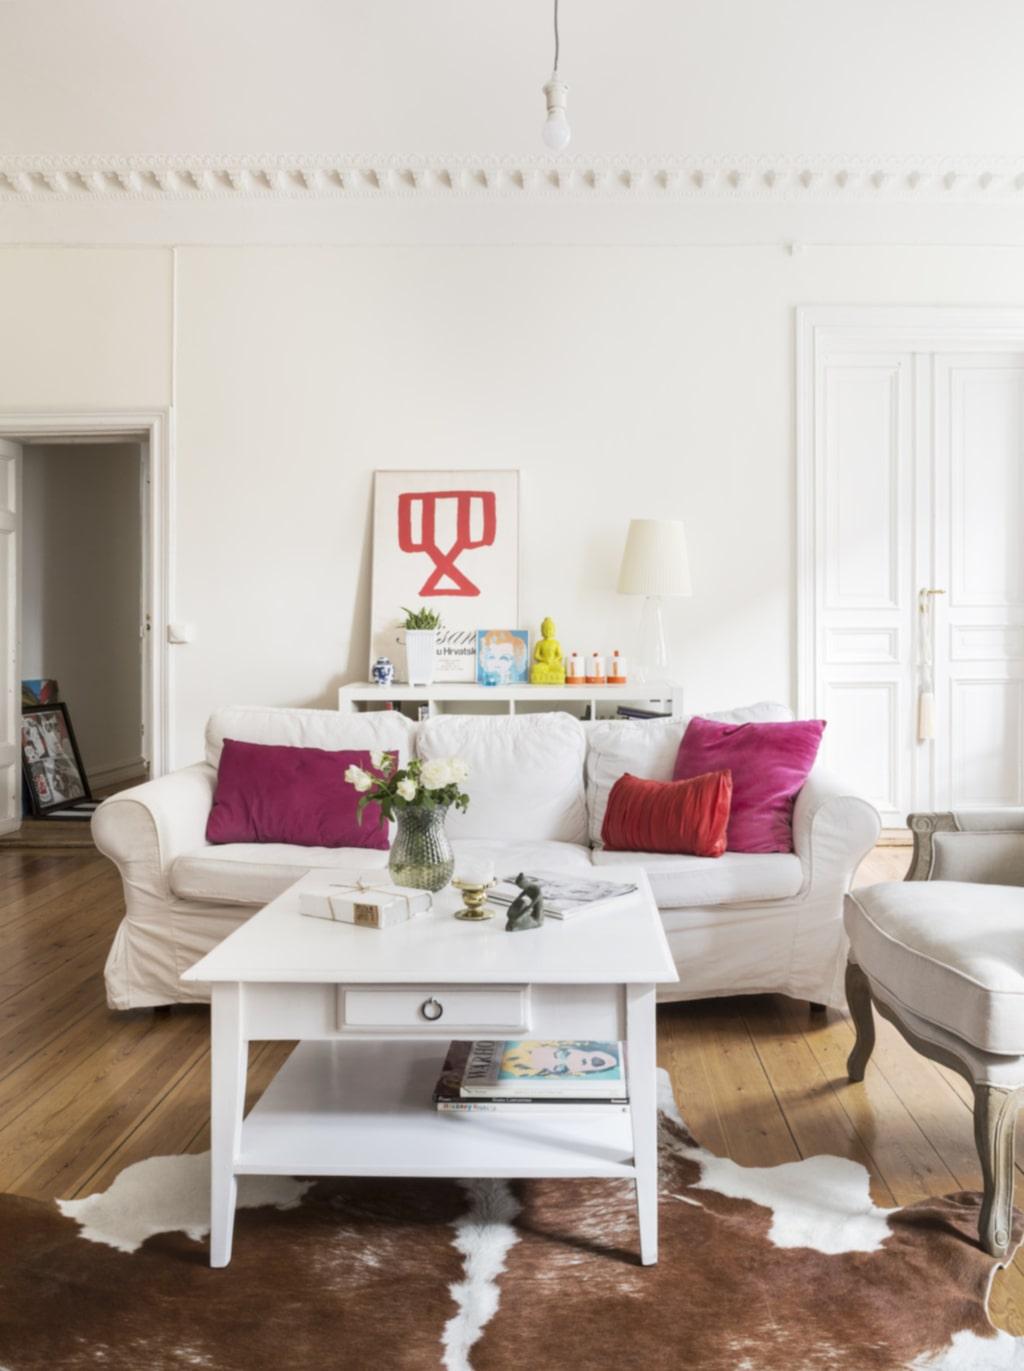 Färgklickar. Vardagsrummet har en härlig rymd och hela rummet badar i ljus. Soffbordet är köpt på Blocket och ommålat i vitt. Tavlan är ursprungligen ett print från en utställning i Zagreb och minner om Tinas kroatiska påbrå.